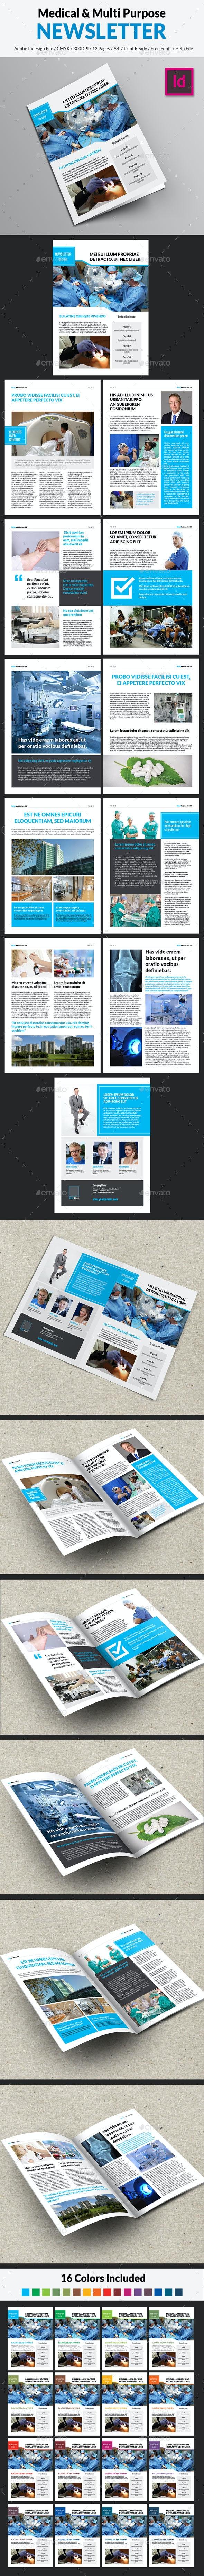 Medical & Multipurpose Newsletter - Newsletters Print Templates